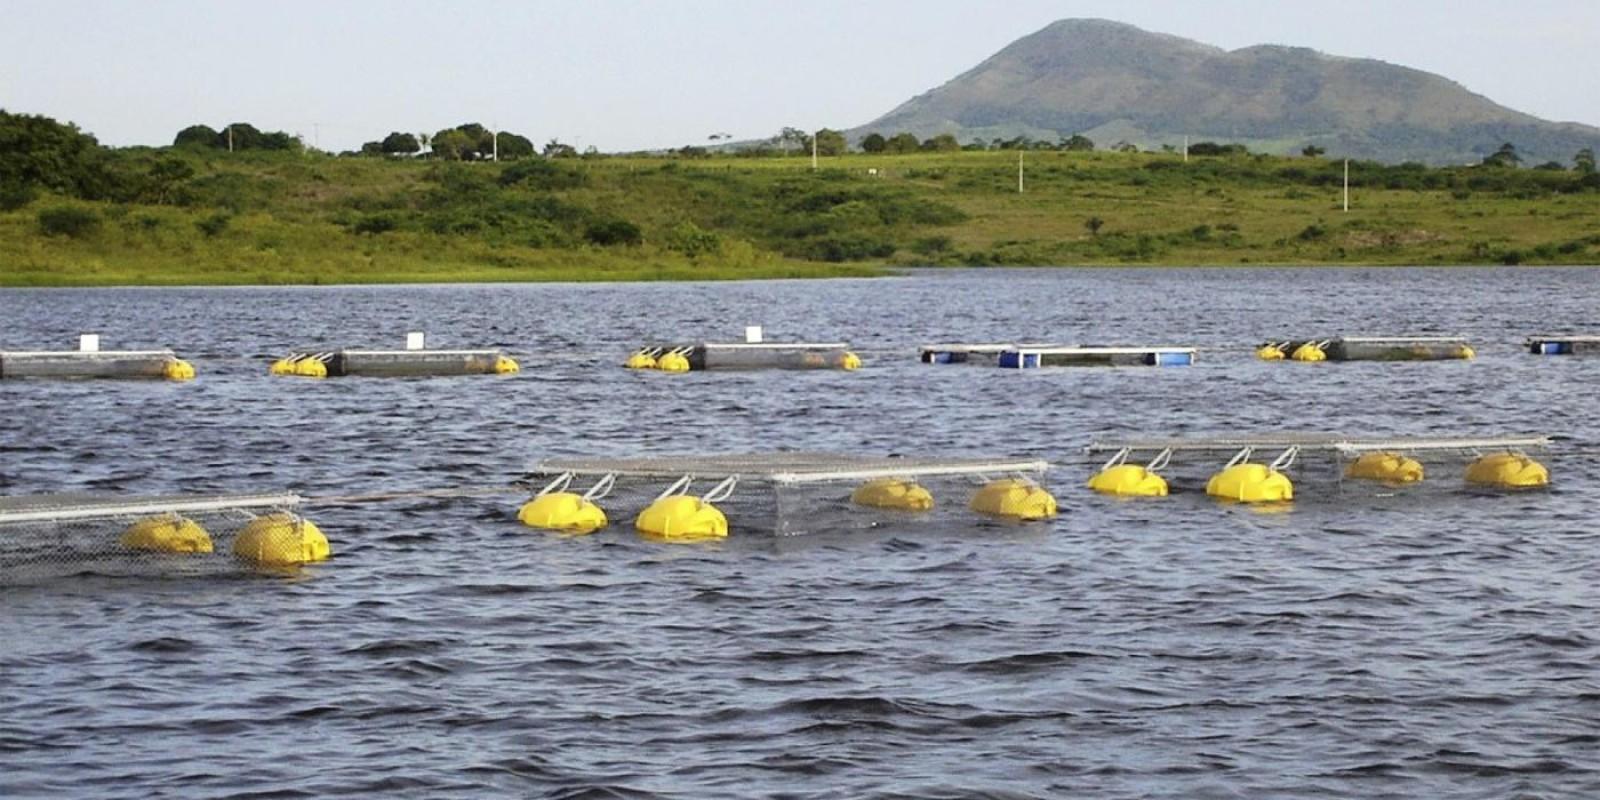 Governo de Minas Gerais soma esforços para agilizar o licenciamento ambiental dos piscicultores